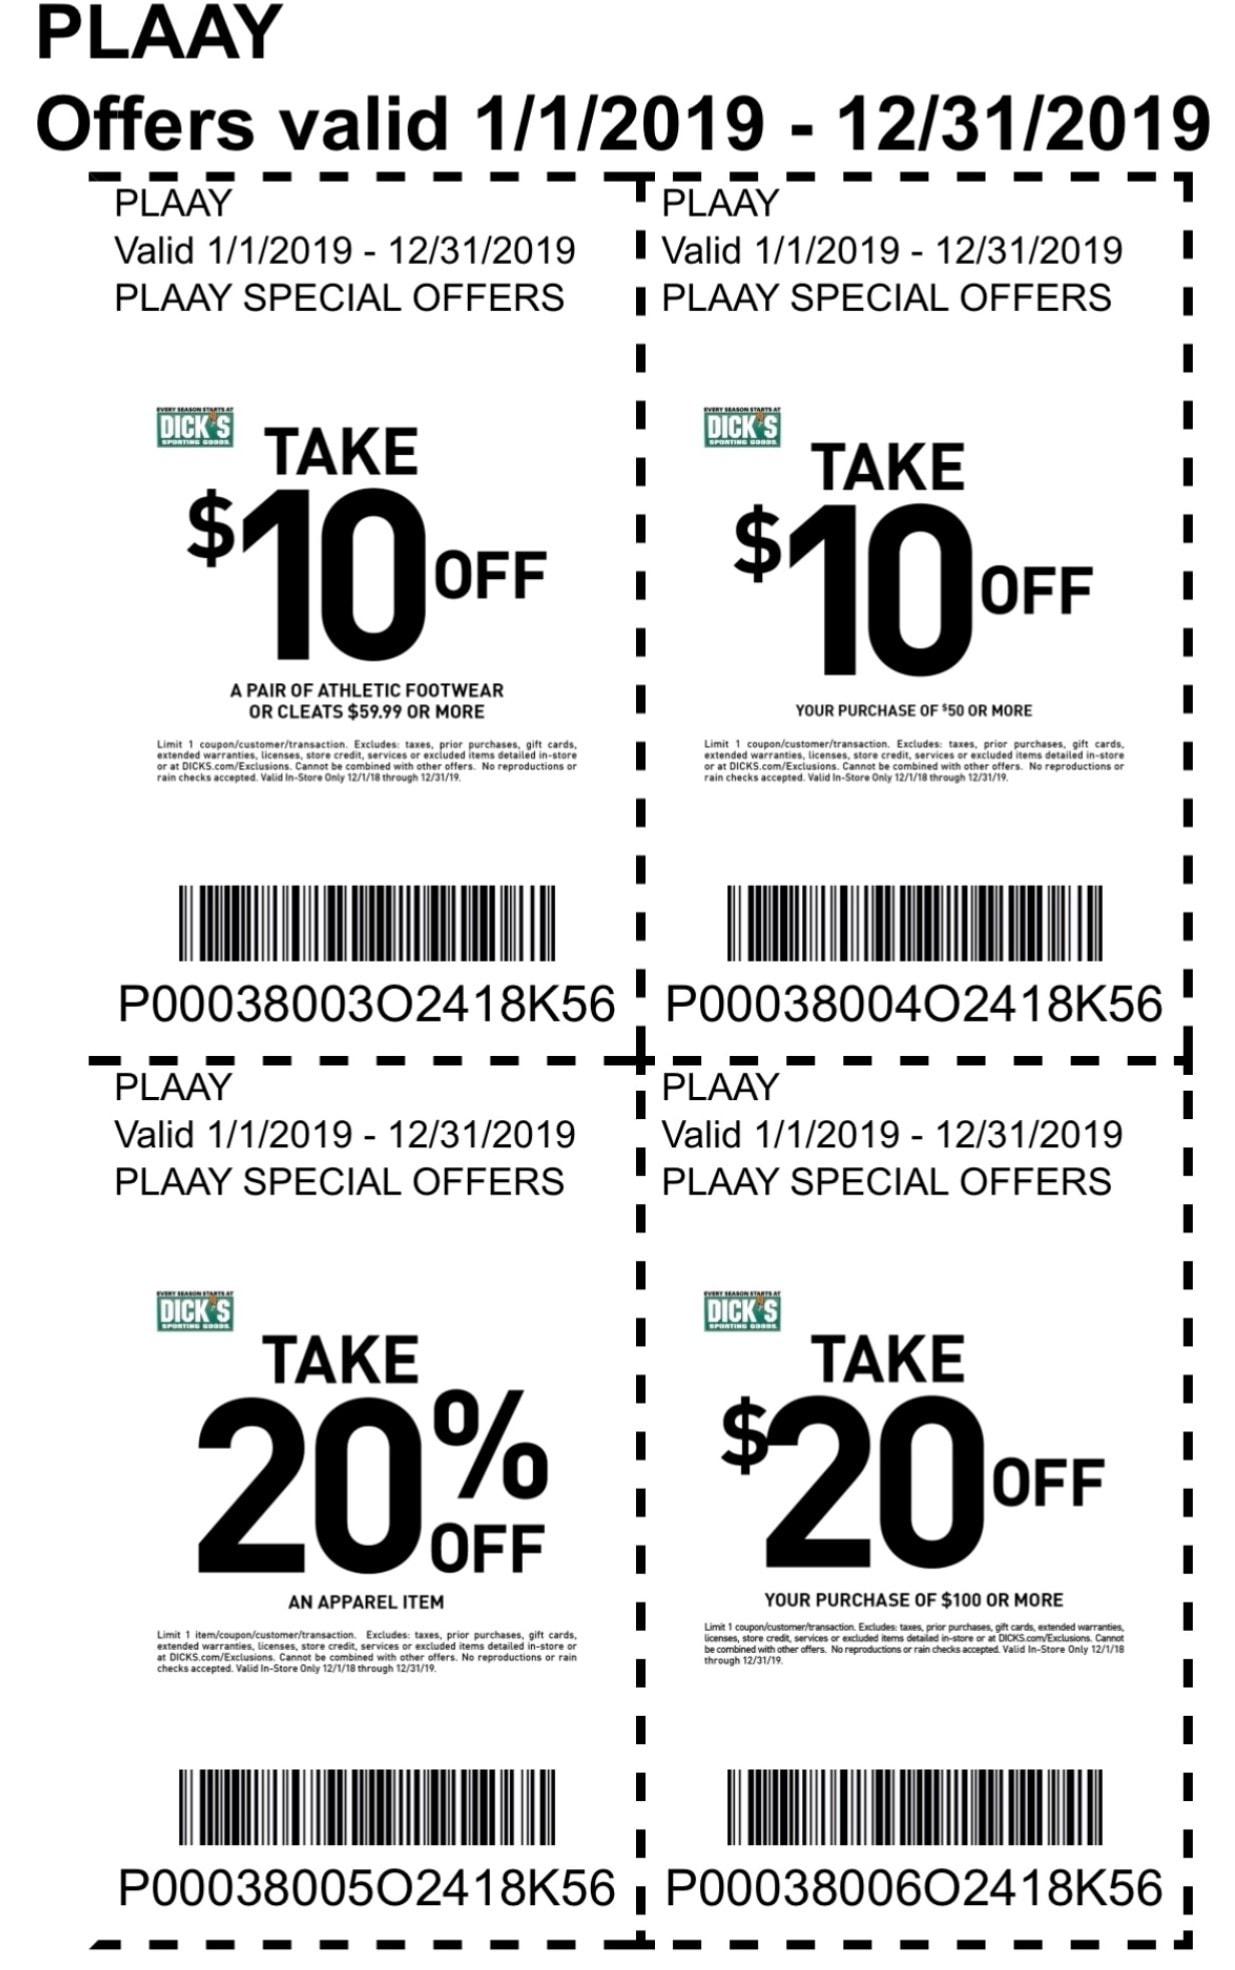 dicks coupons